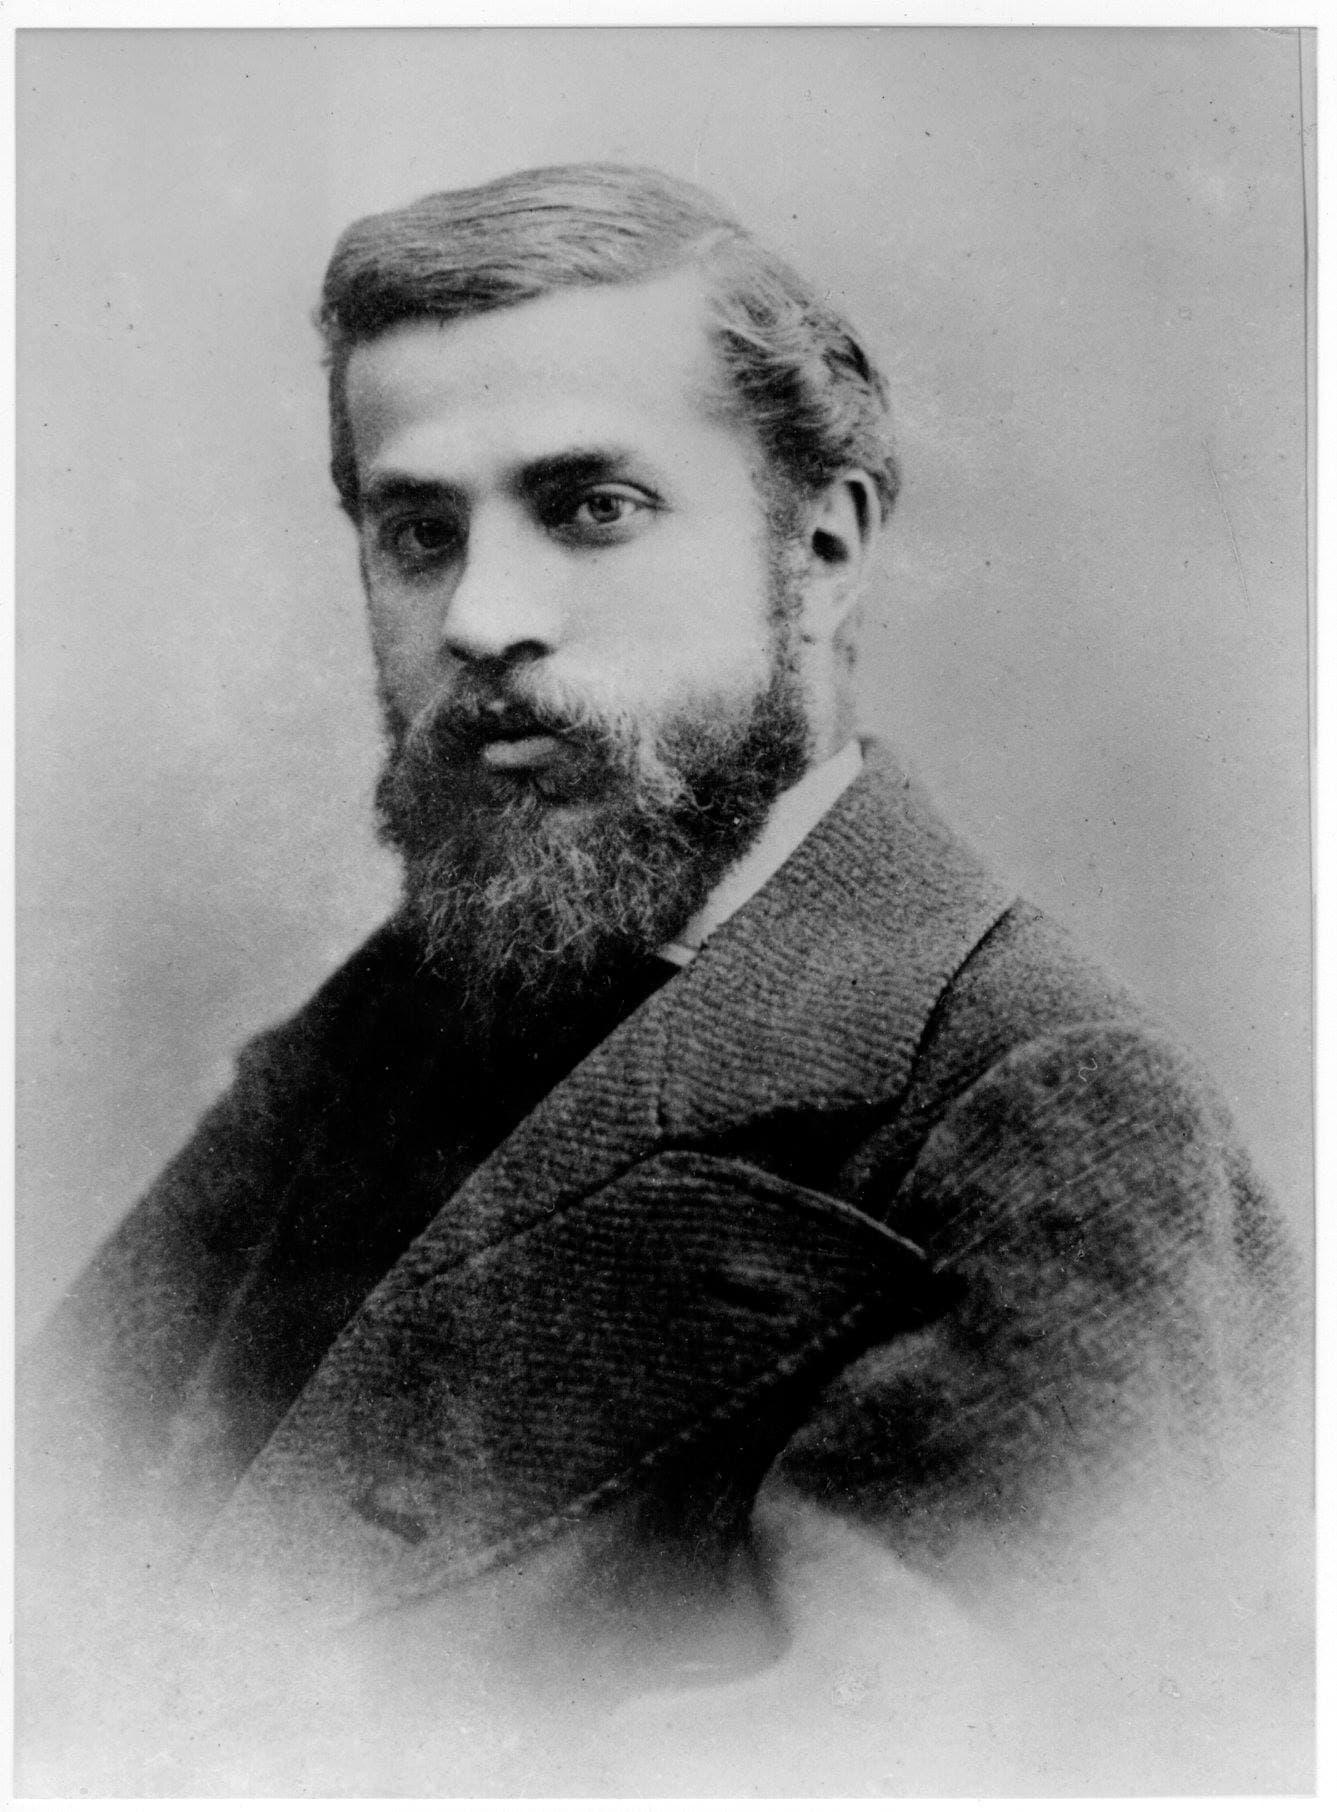 Vintage photo of Antoni Gaudí